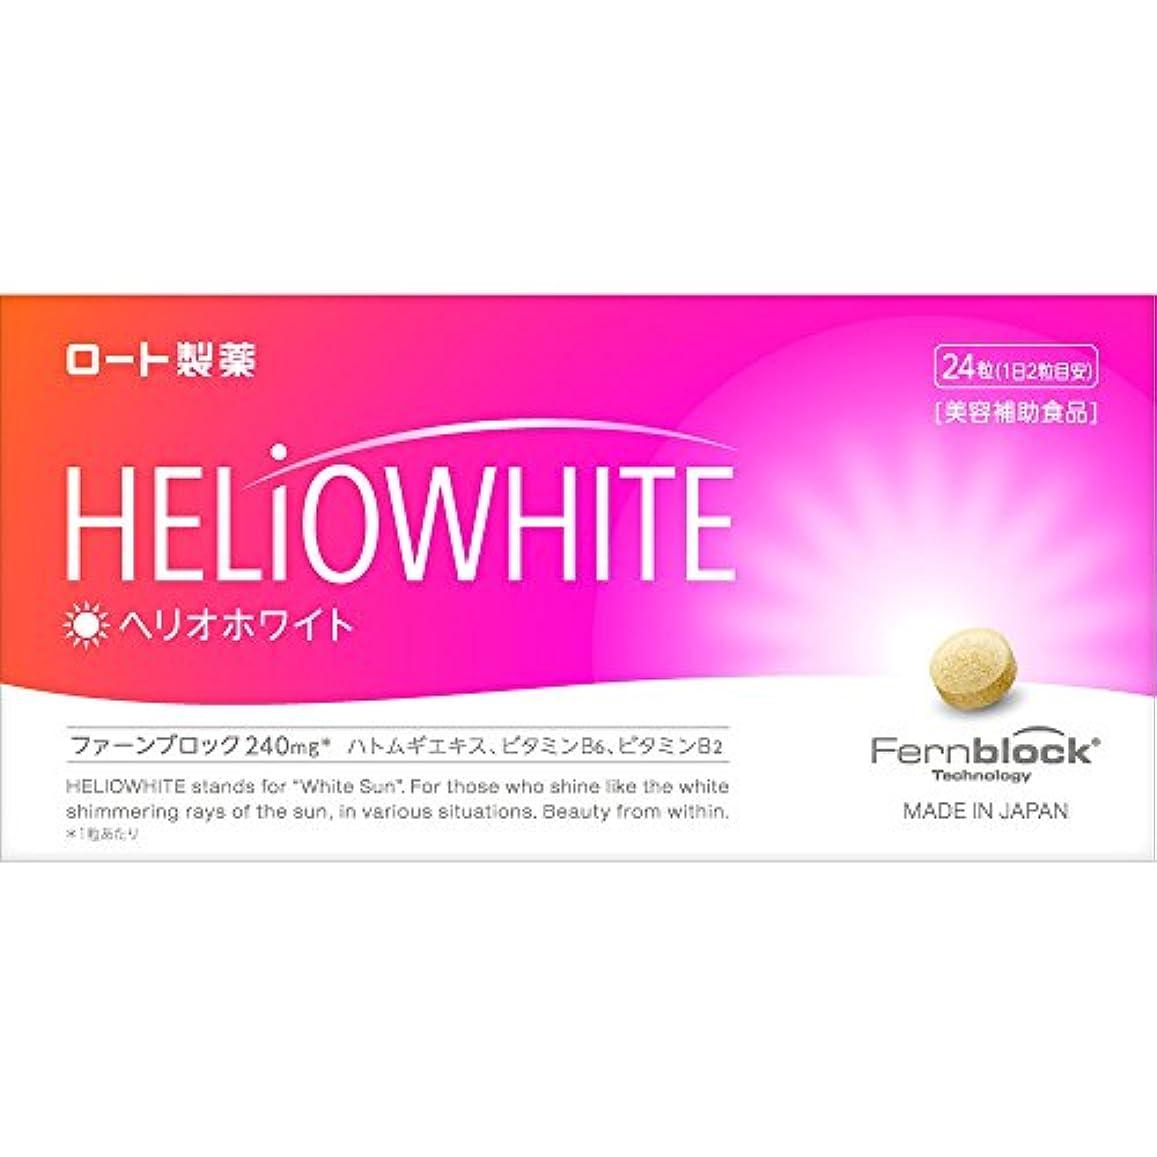 リマ哺乳類人道的ロート製薬 ヘリオホワイト 24粒 シダ植物抽出成分 ファーンブロック Fernblock 240mg 配合 美容補助食品